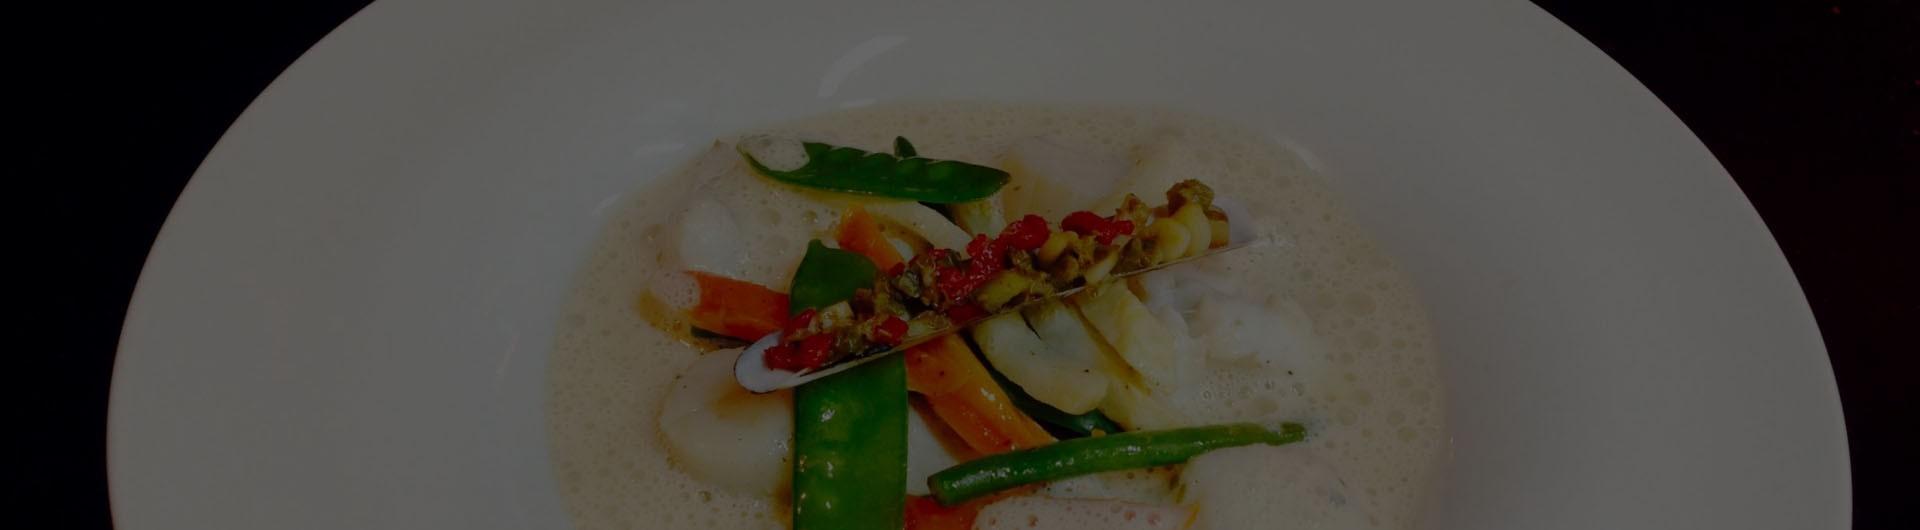 1920x1440-restaurant-le-saint-nicolas-megeve-50-73